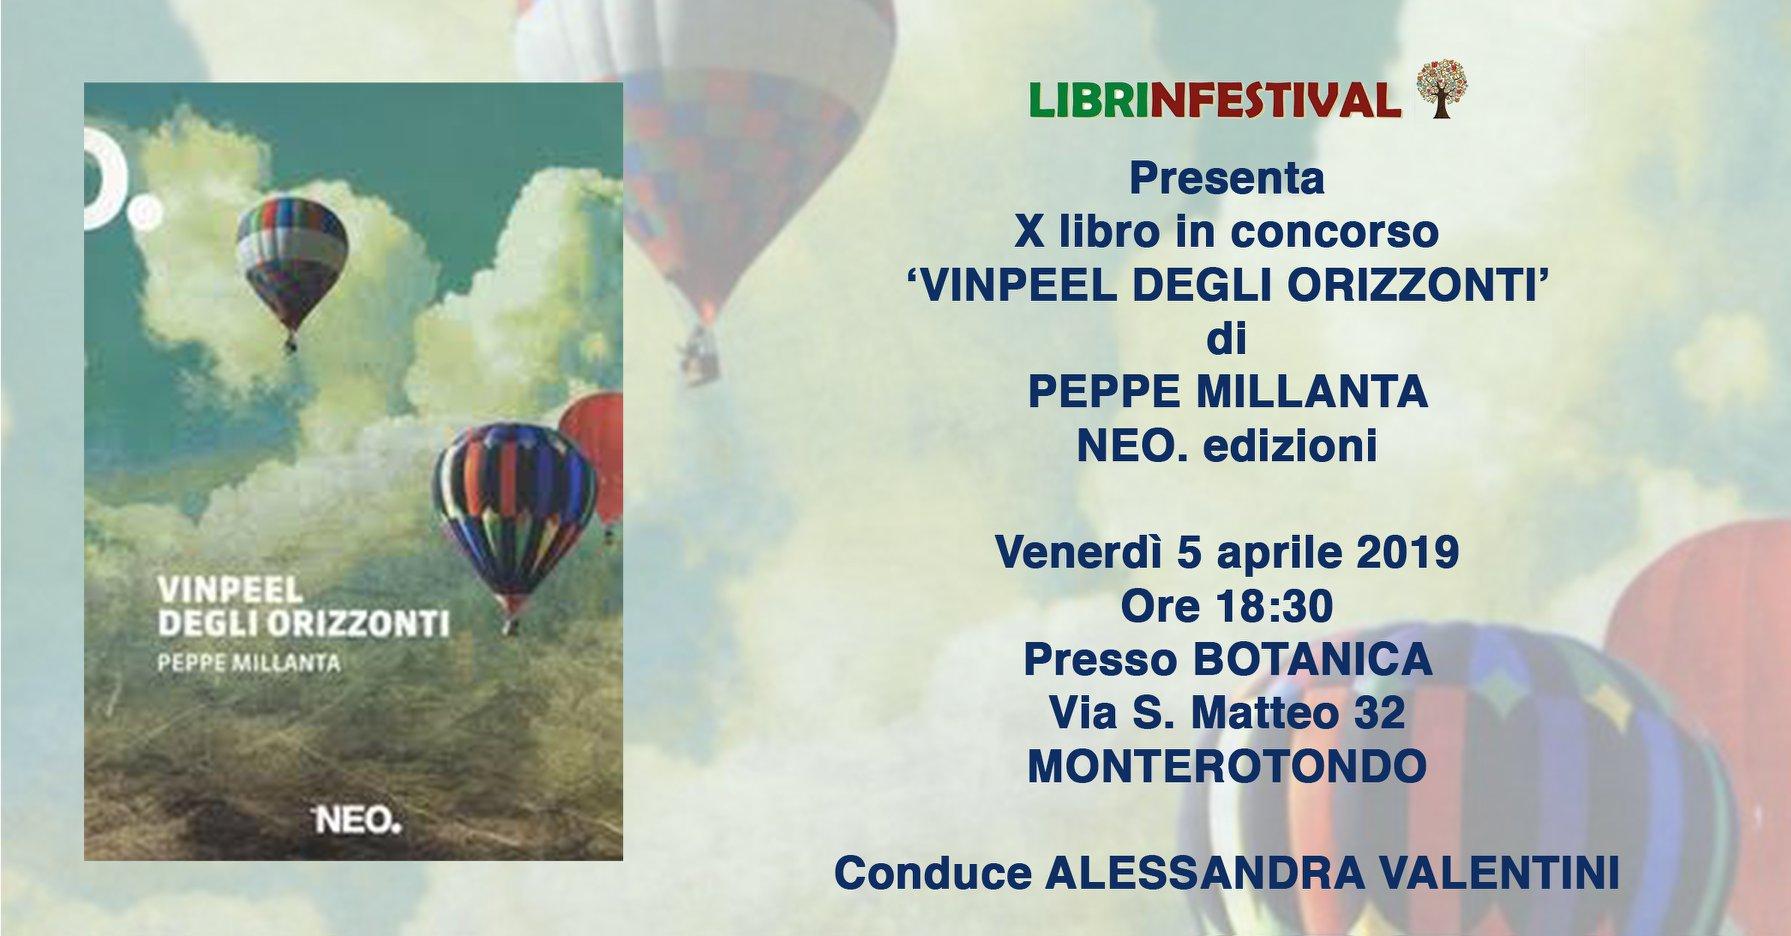 Vinpeel degli orizzonti, Peppe Millanta, Neo Edizioni, #Librinfestival, Alessandra Valentini, Botanica Monterotondo